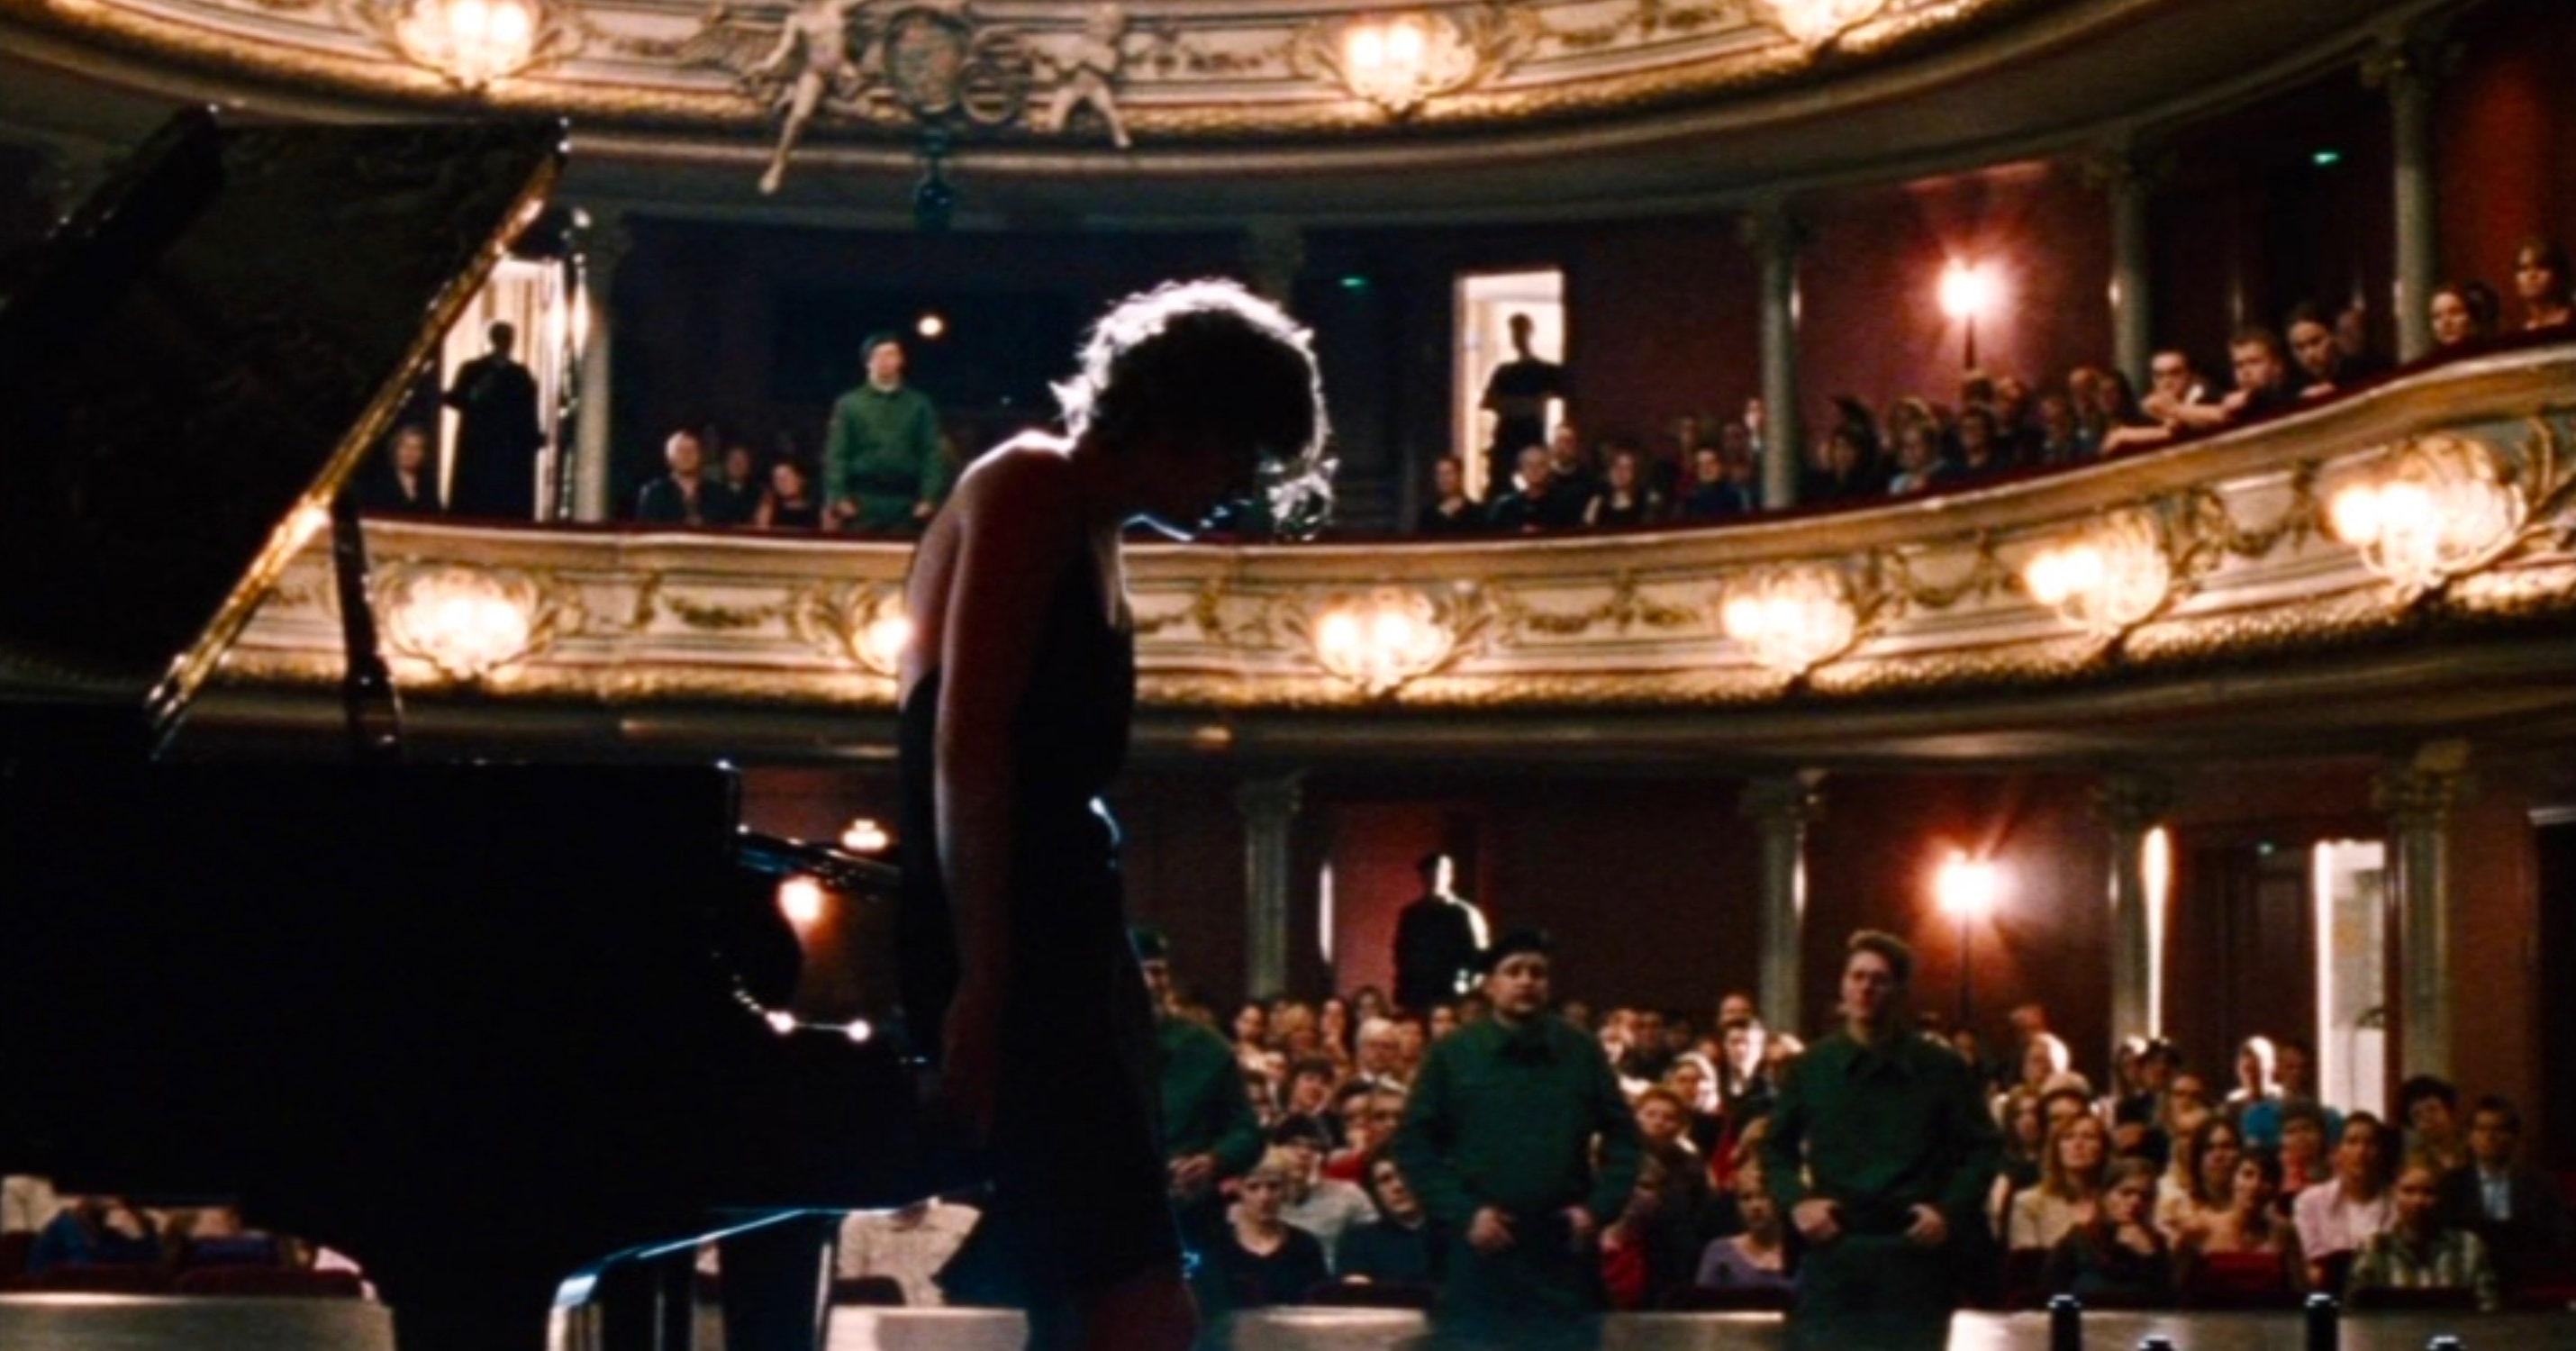 Vier Minuten - Four Minutes - Jenny nach ihrem furiosen Konzert - Regie: Chris Kraus - Kamera Judith Kaufmann